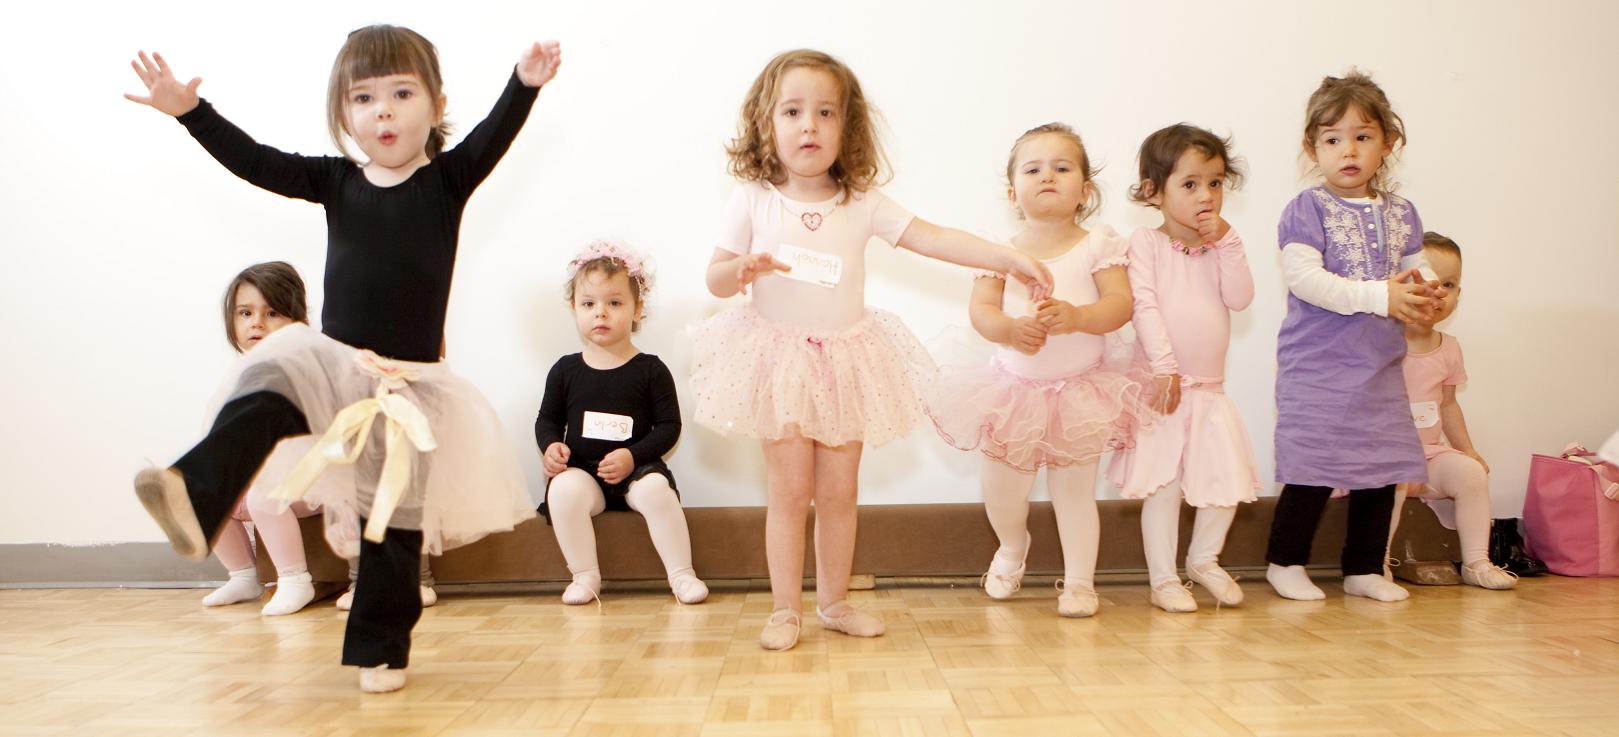 картинка танец малышей везде